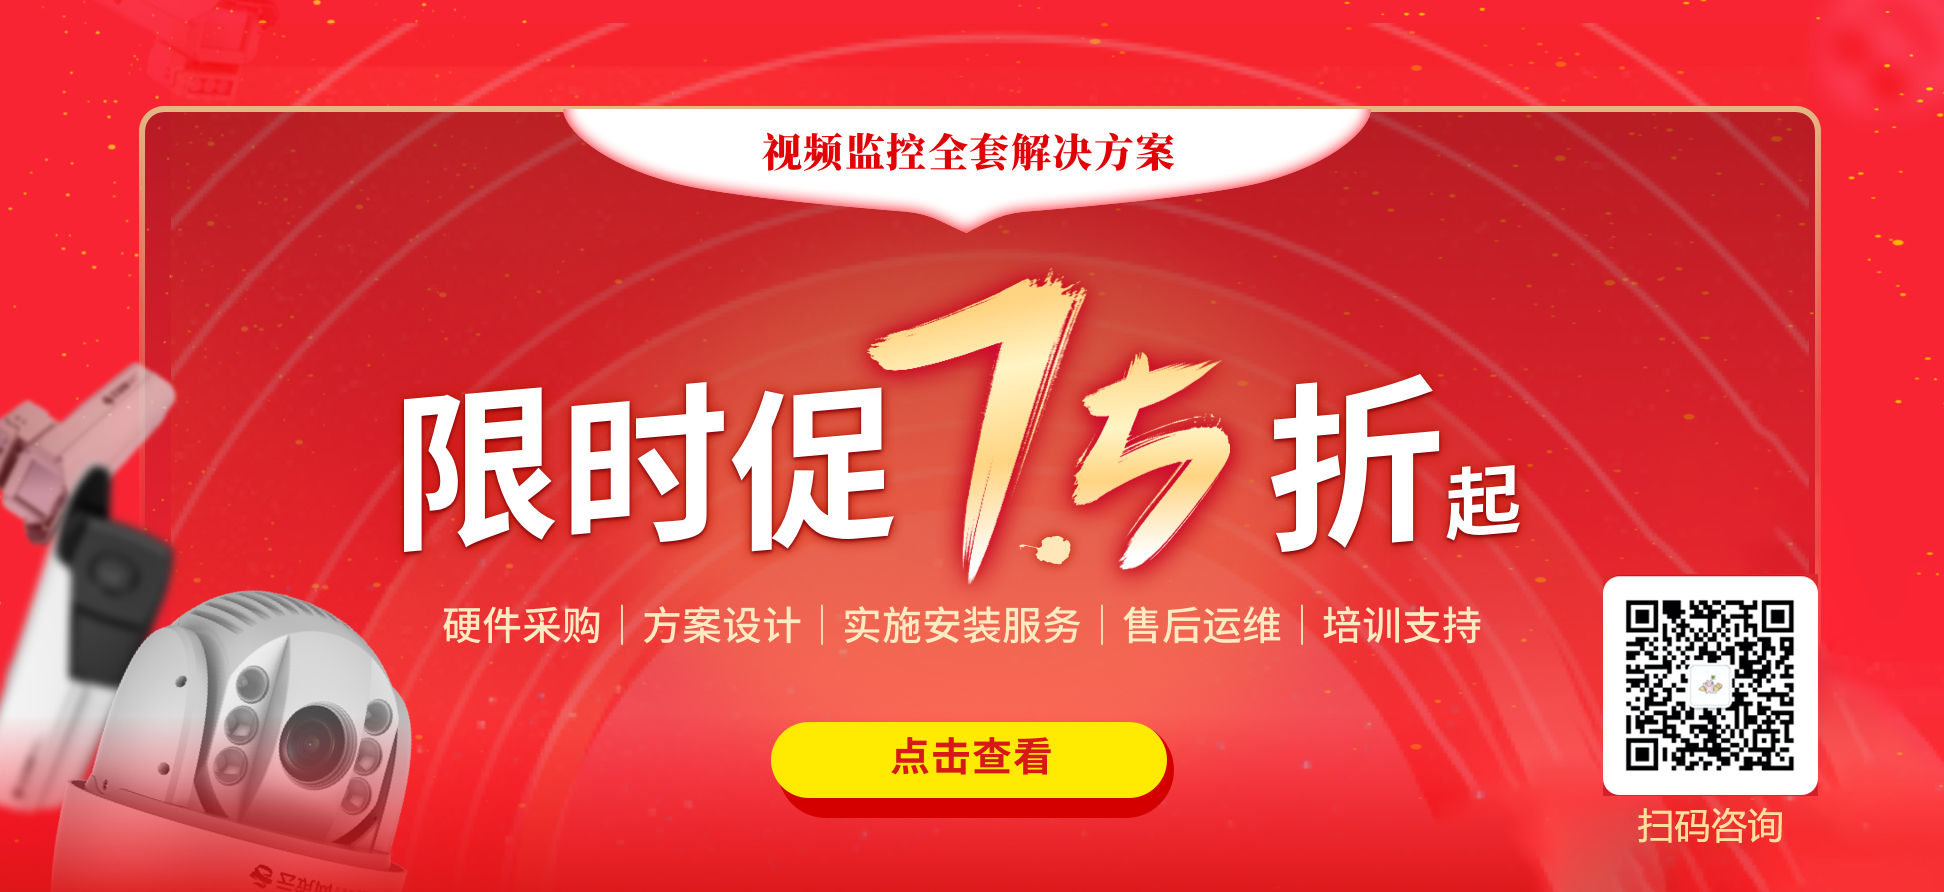 (shi)眡頻(jian)監控全套解決方案限時促7.5折起